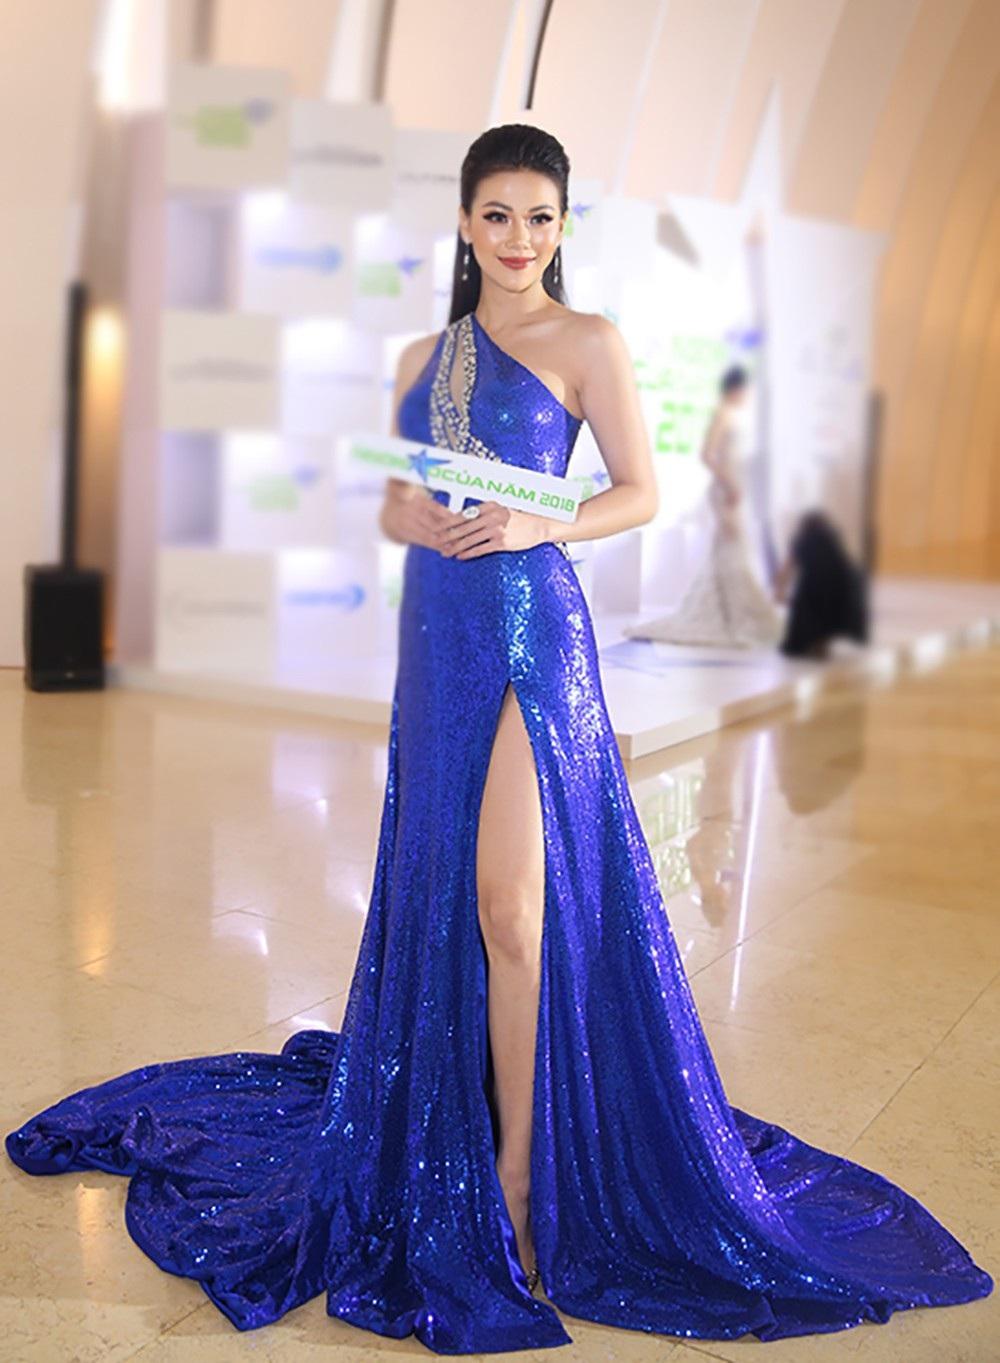 """Hoa hậu H'hen Niê được vinh danh """"Ngôi sao vì cộng đồng"""" - Ảnh 14."""